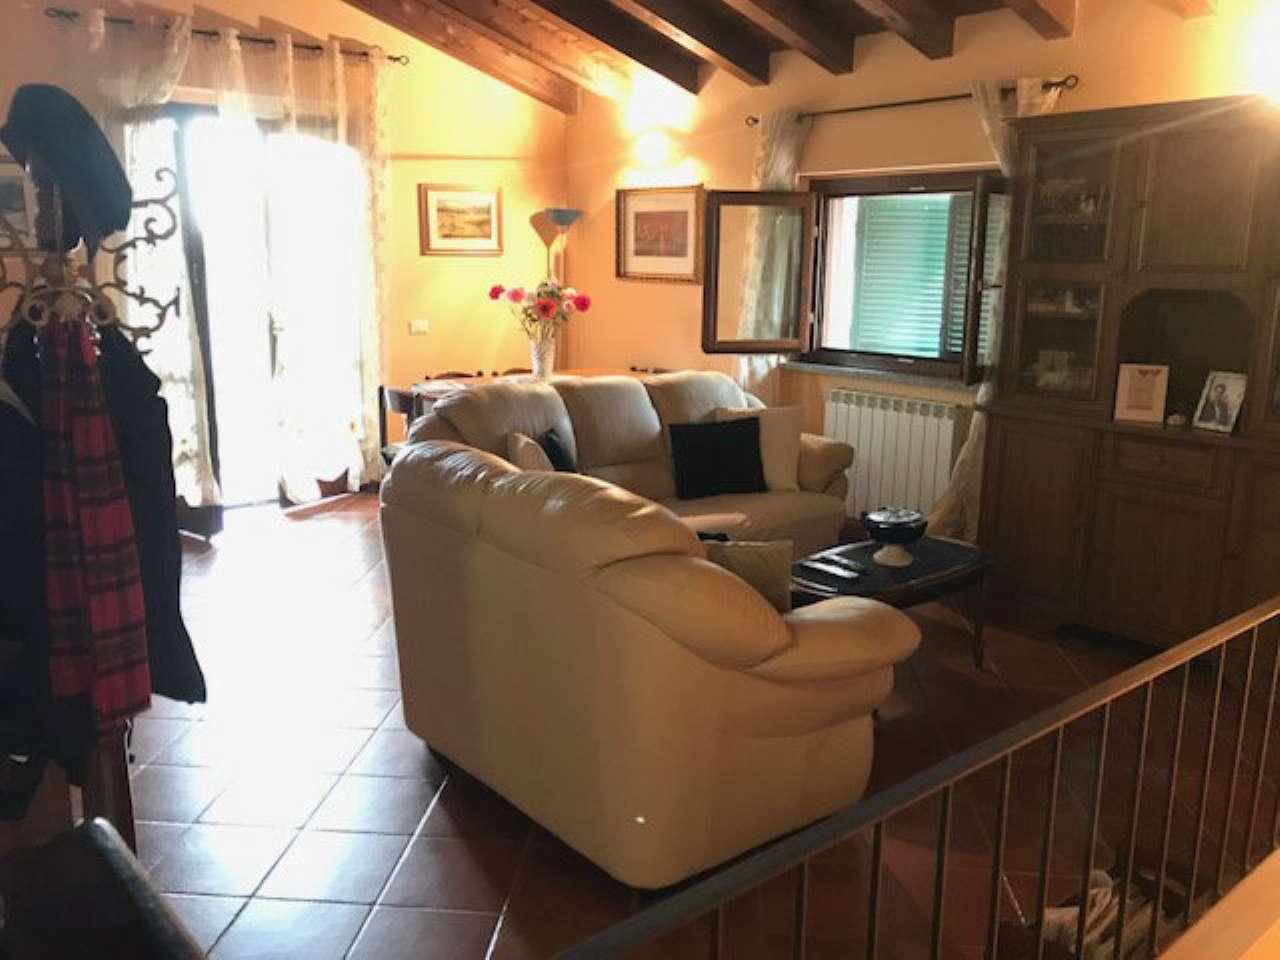 Appartamento in vendita a Gragnano Trebbiense, 3 locali, prezzo € 125.000 | PortaleAgenzieImmobiliari.it